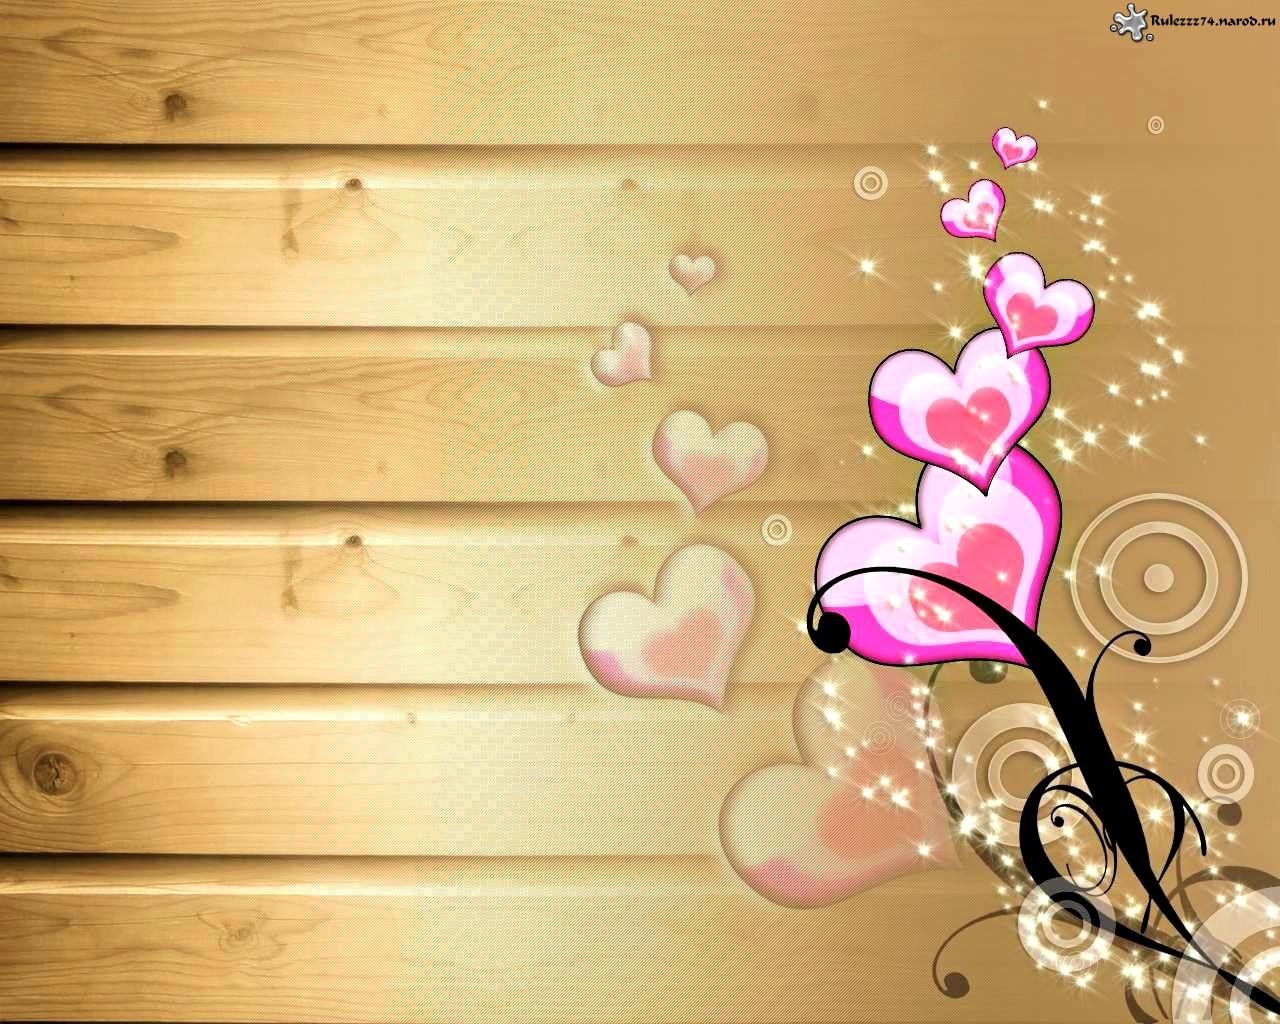 11787 скачать обои Фон, Сердца, Любовь, День Святого Валентина (Valentine's Day) - заставки и картинки бесплатно